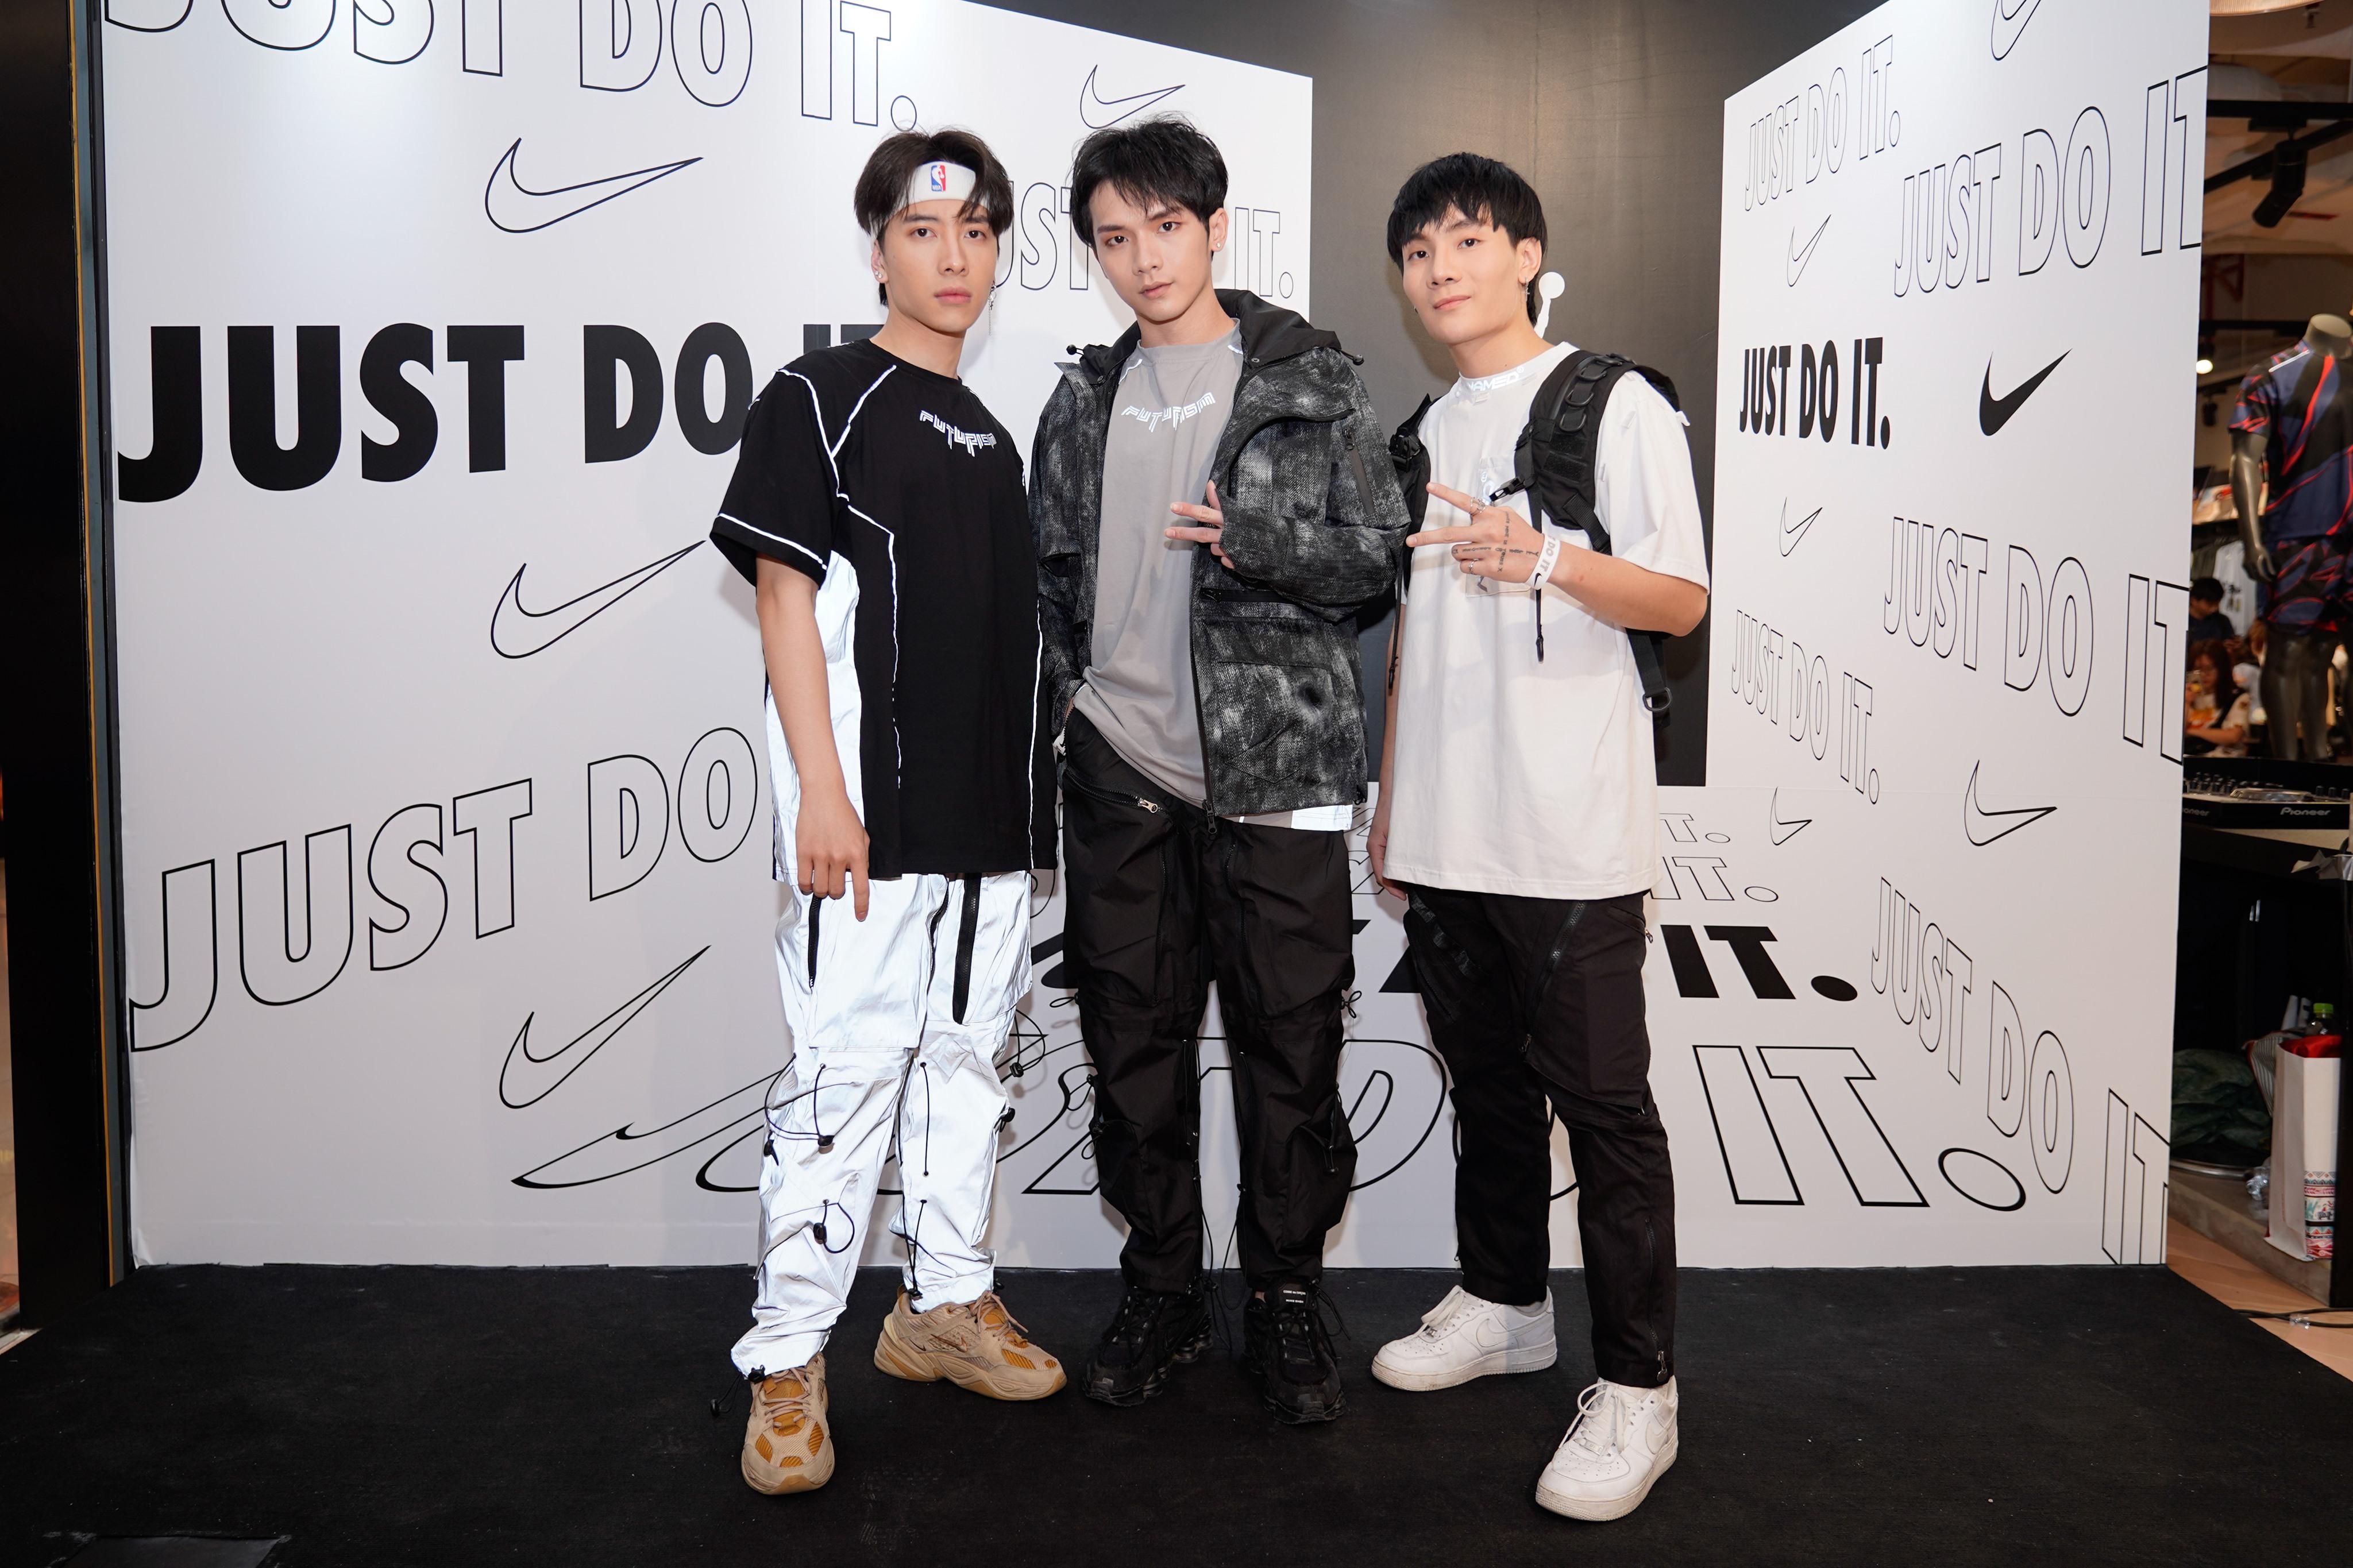 Nhóm nhạc Monstar sự kiện Nike